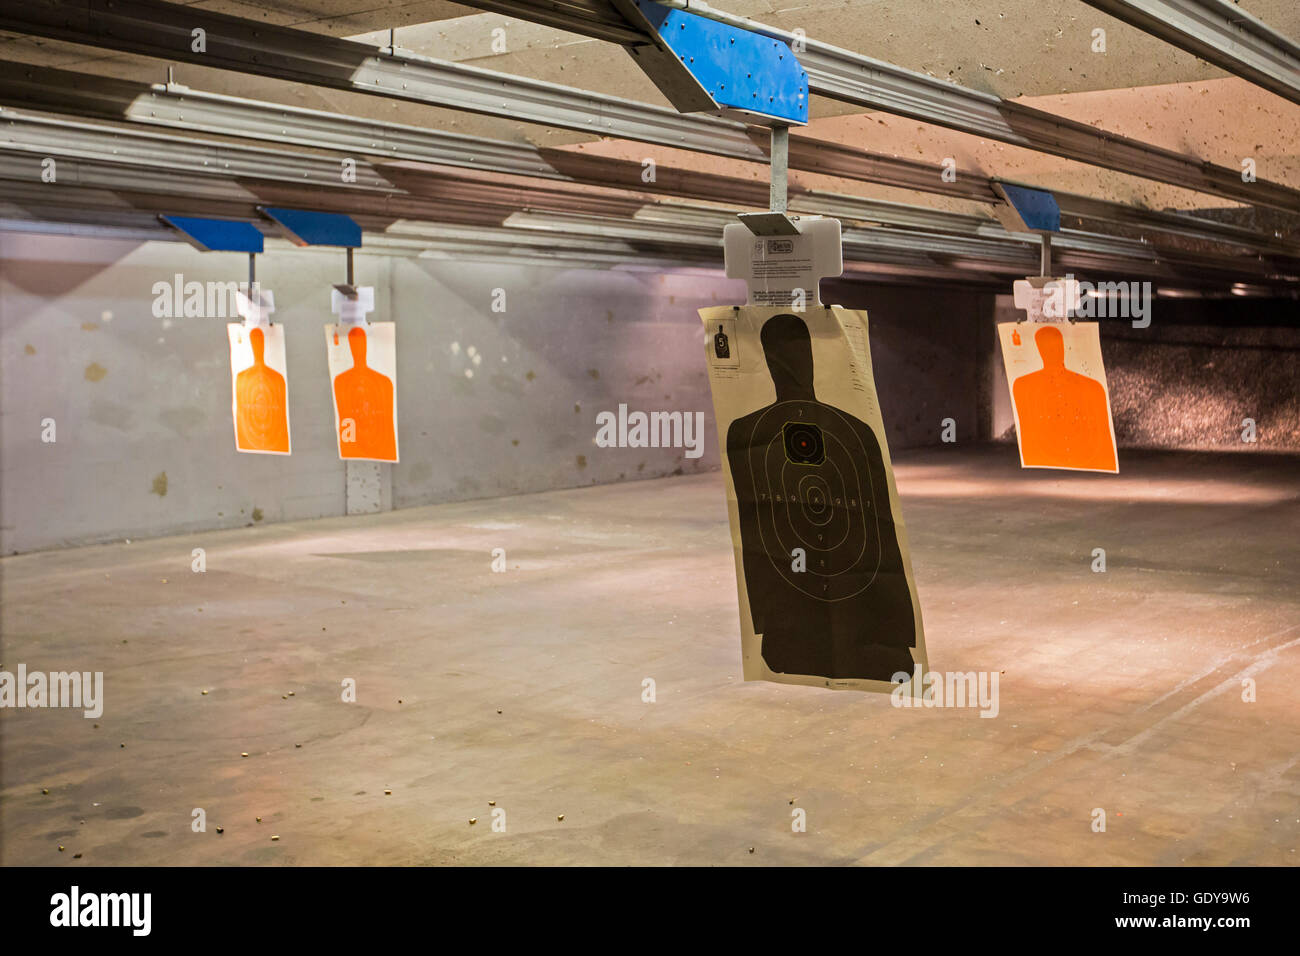 Las Vegas, Nevada - Ziele beim Discount Waffen + Munition Schießanlage. Stockbild